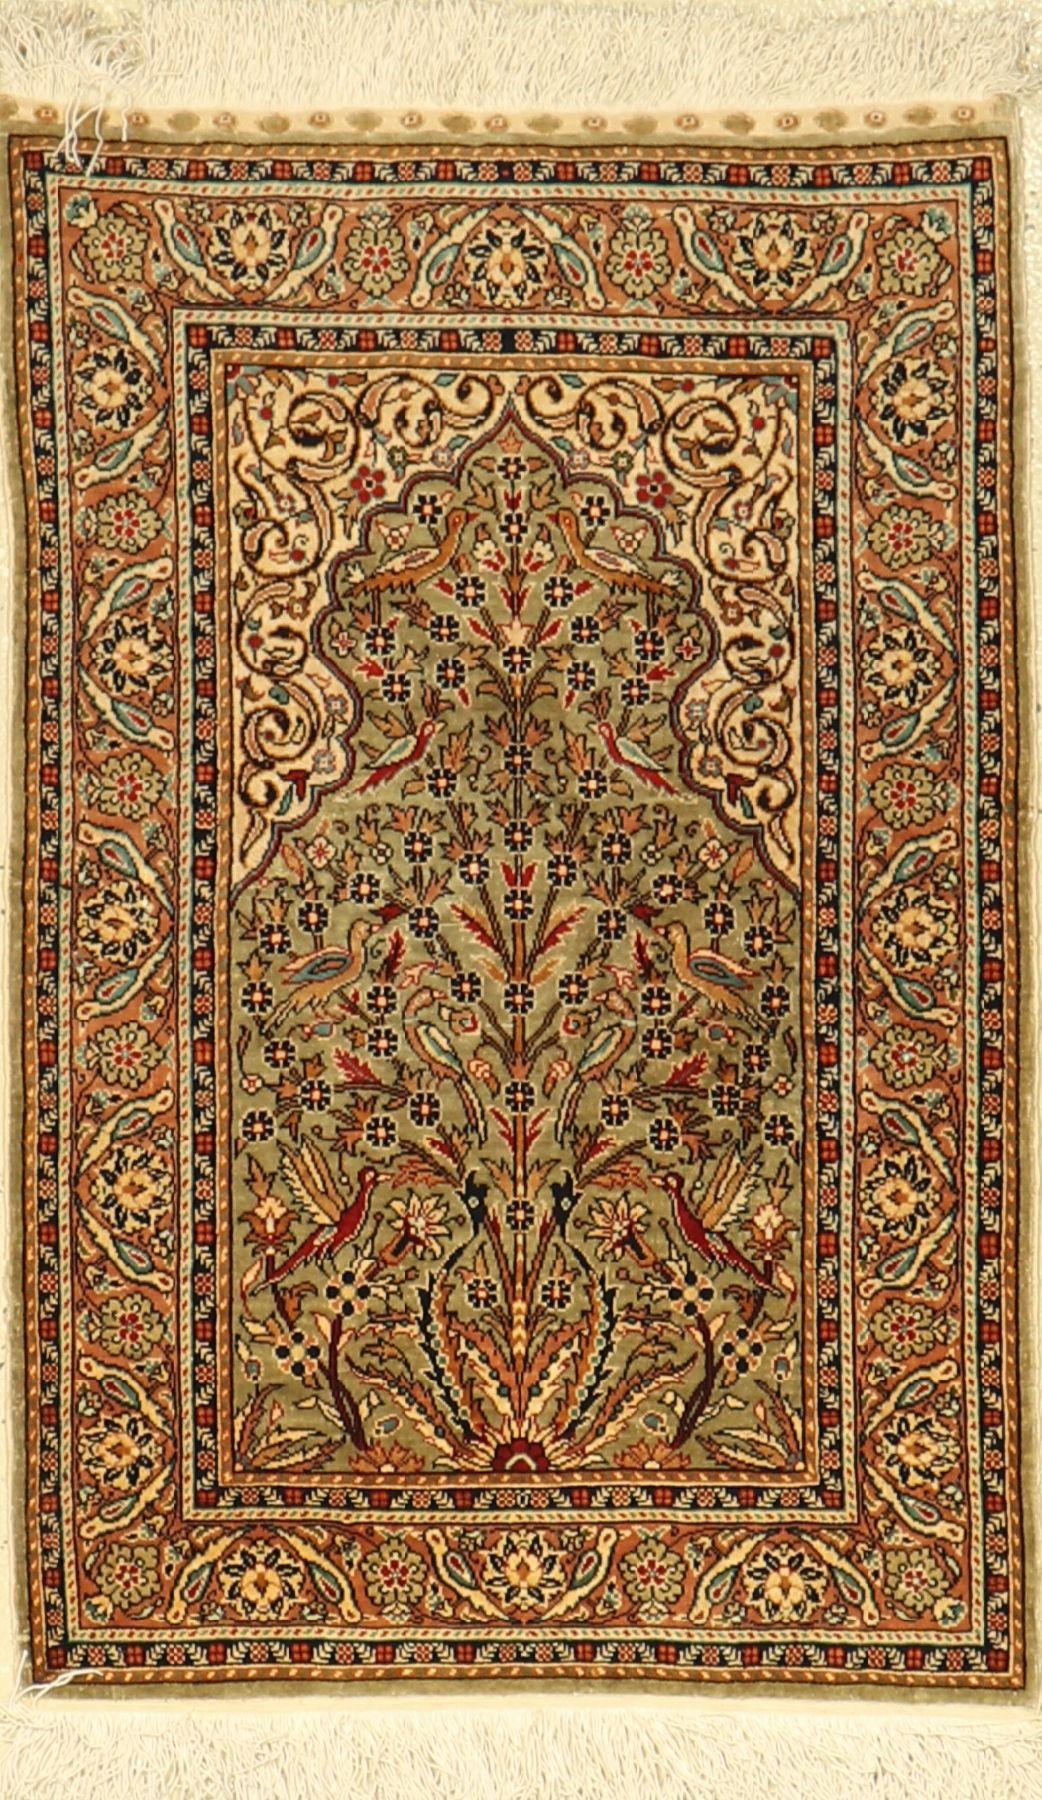 Seiden Hereke Cinar alt, Türkei, Signiert, ca. 40 Jahre, reine Naturseide, ca. 83 x 54 cm, EHZ: 2